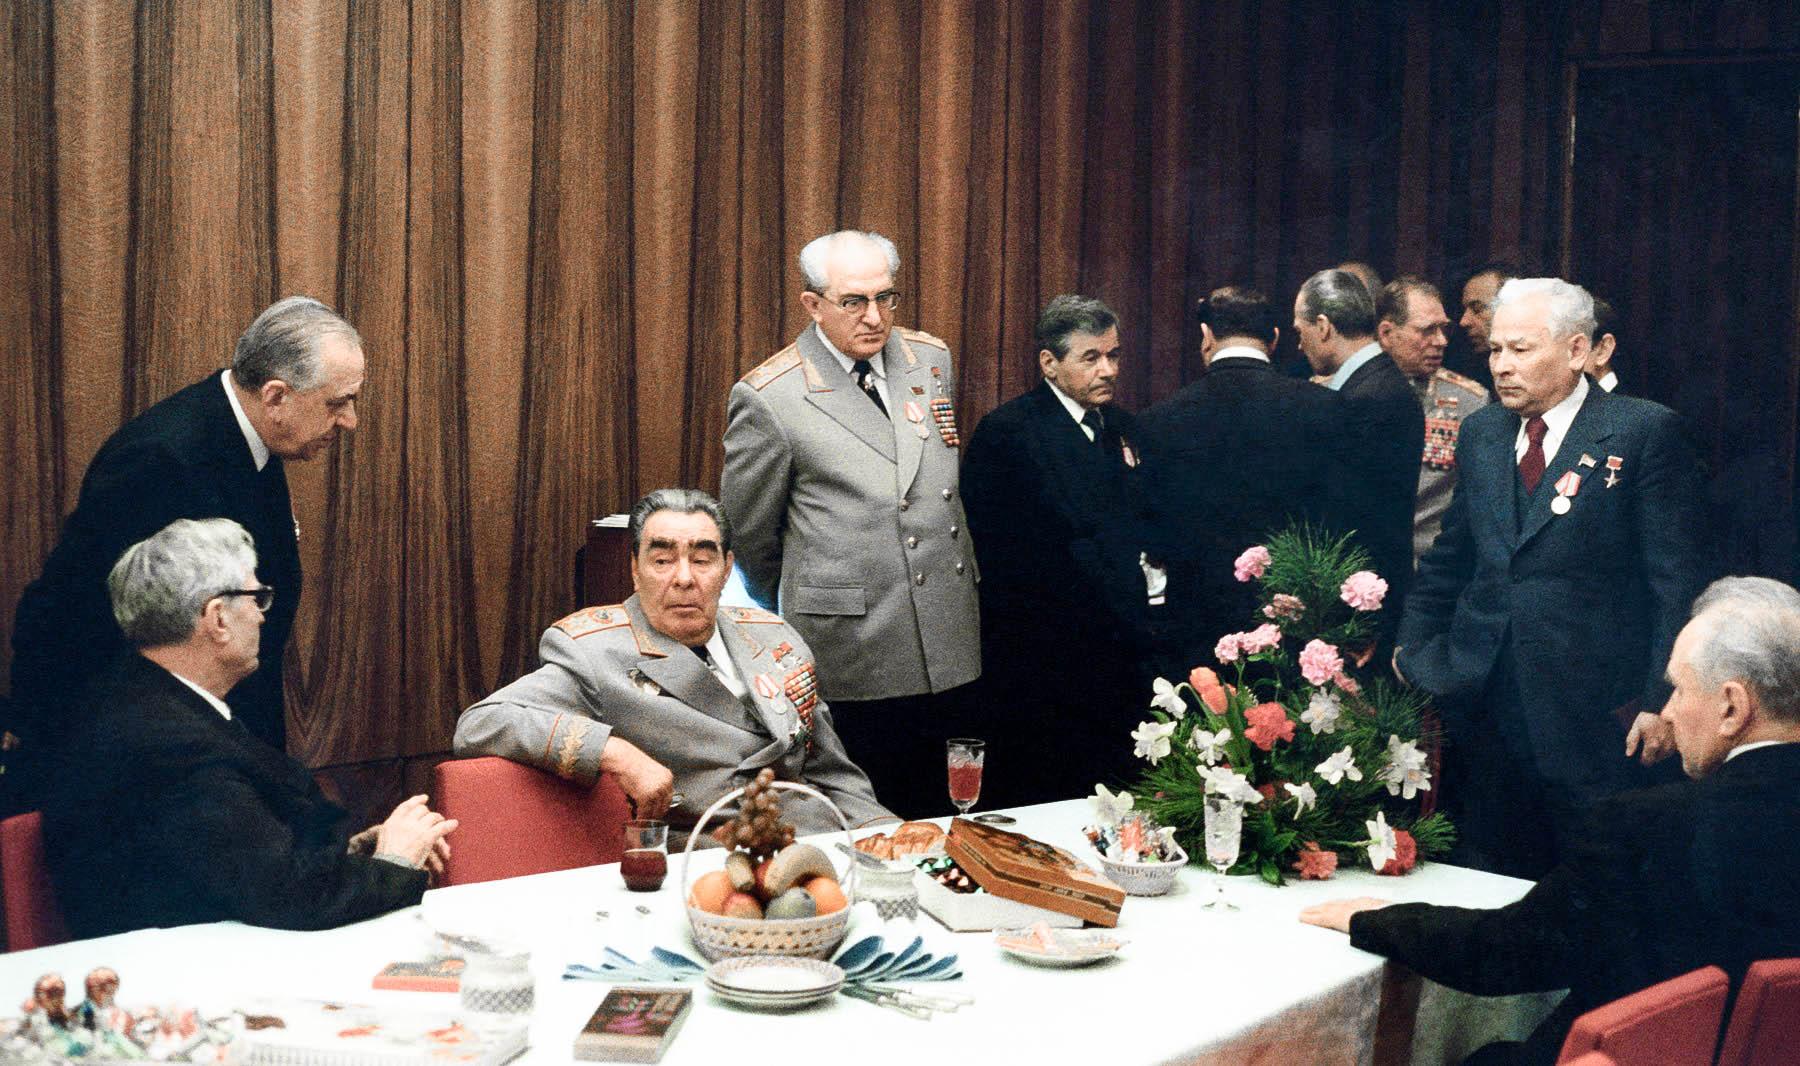 «Относительно работы Яковлева на ЦРУ Л. И. Брежнев ответил Ю. В. Андропову: «Член ЦРК предателем быть не может». Андропов при мне порвал эту записку»